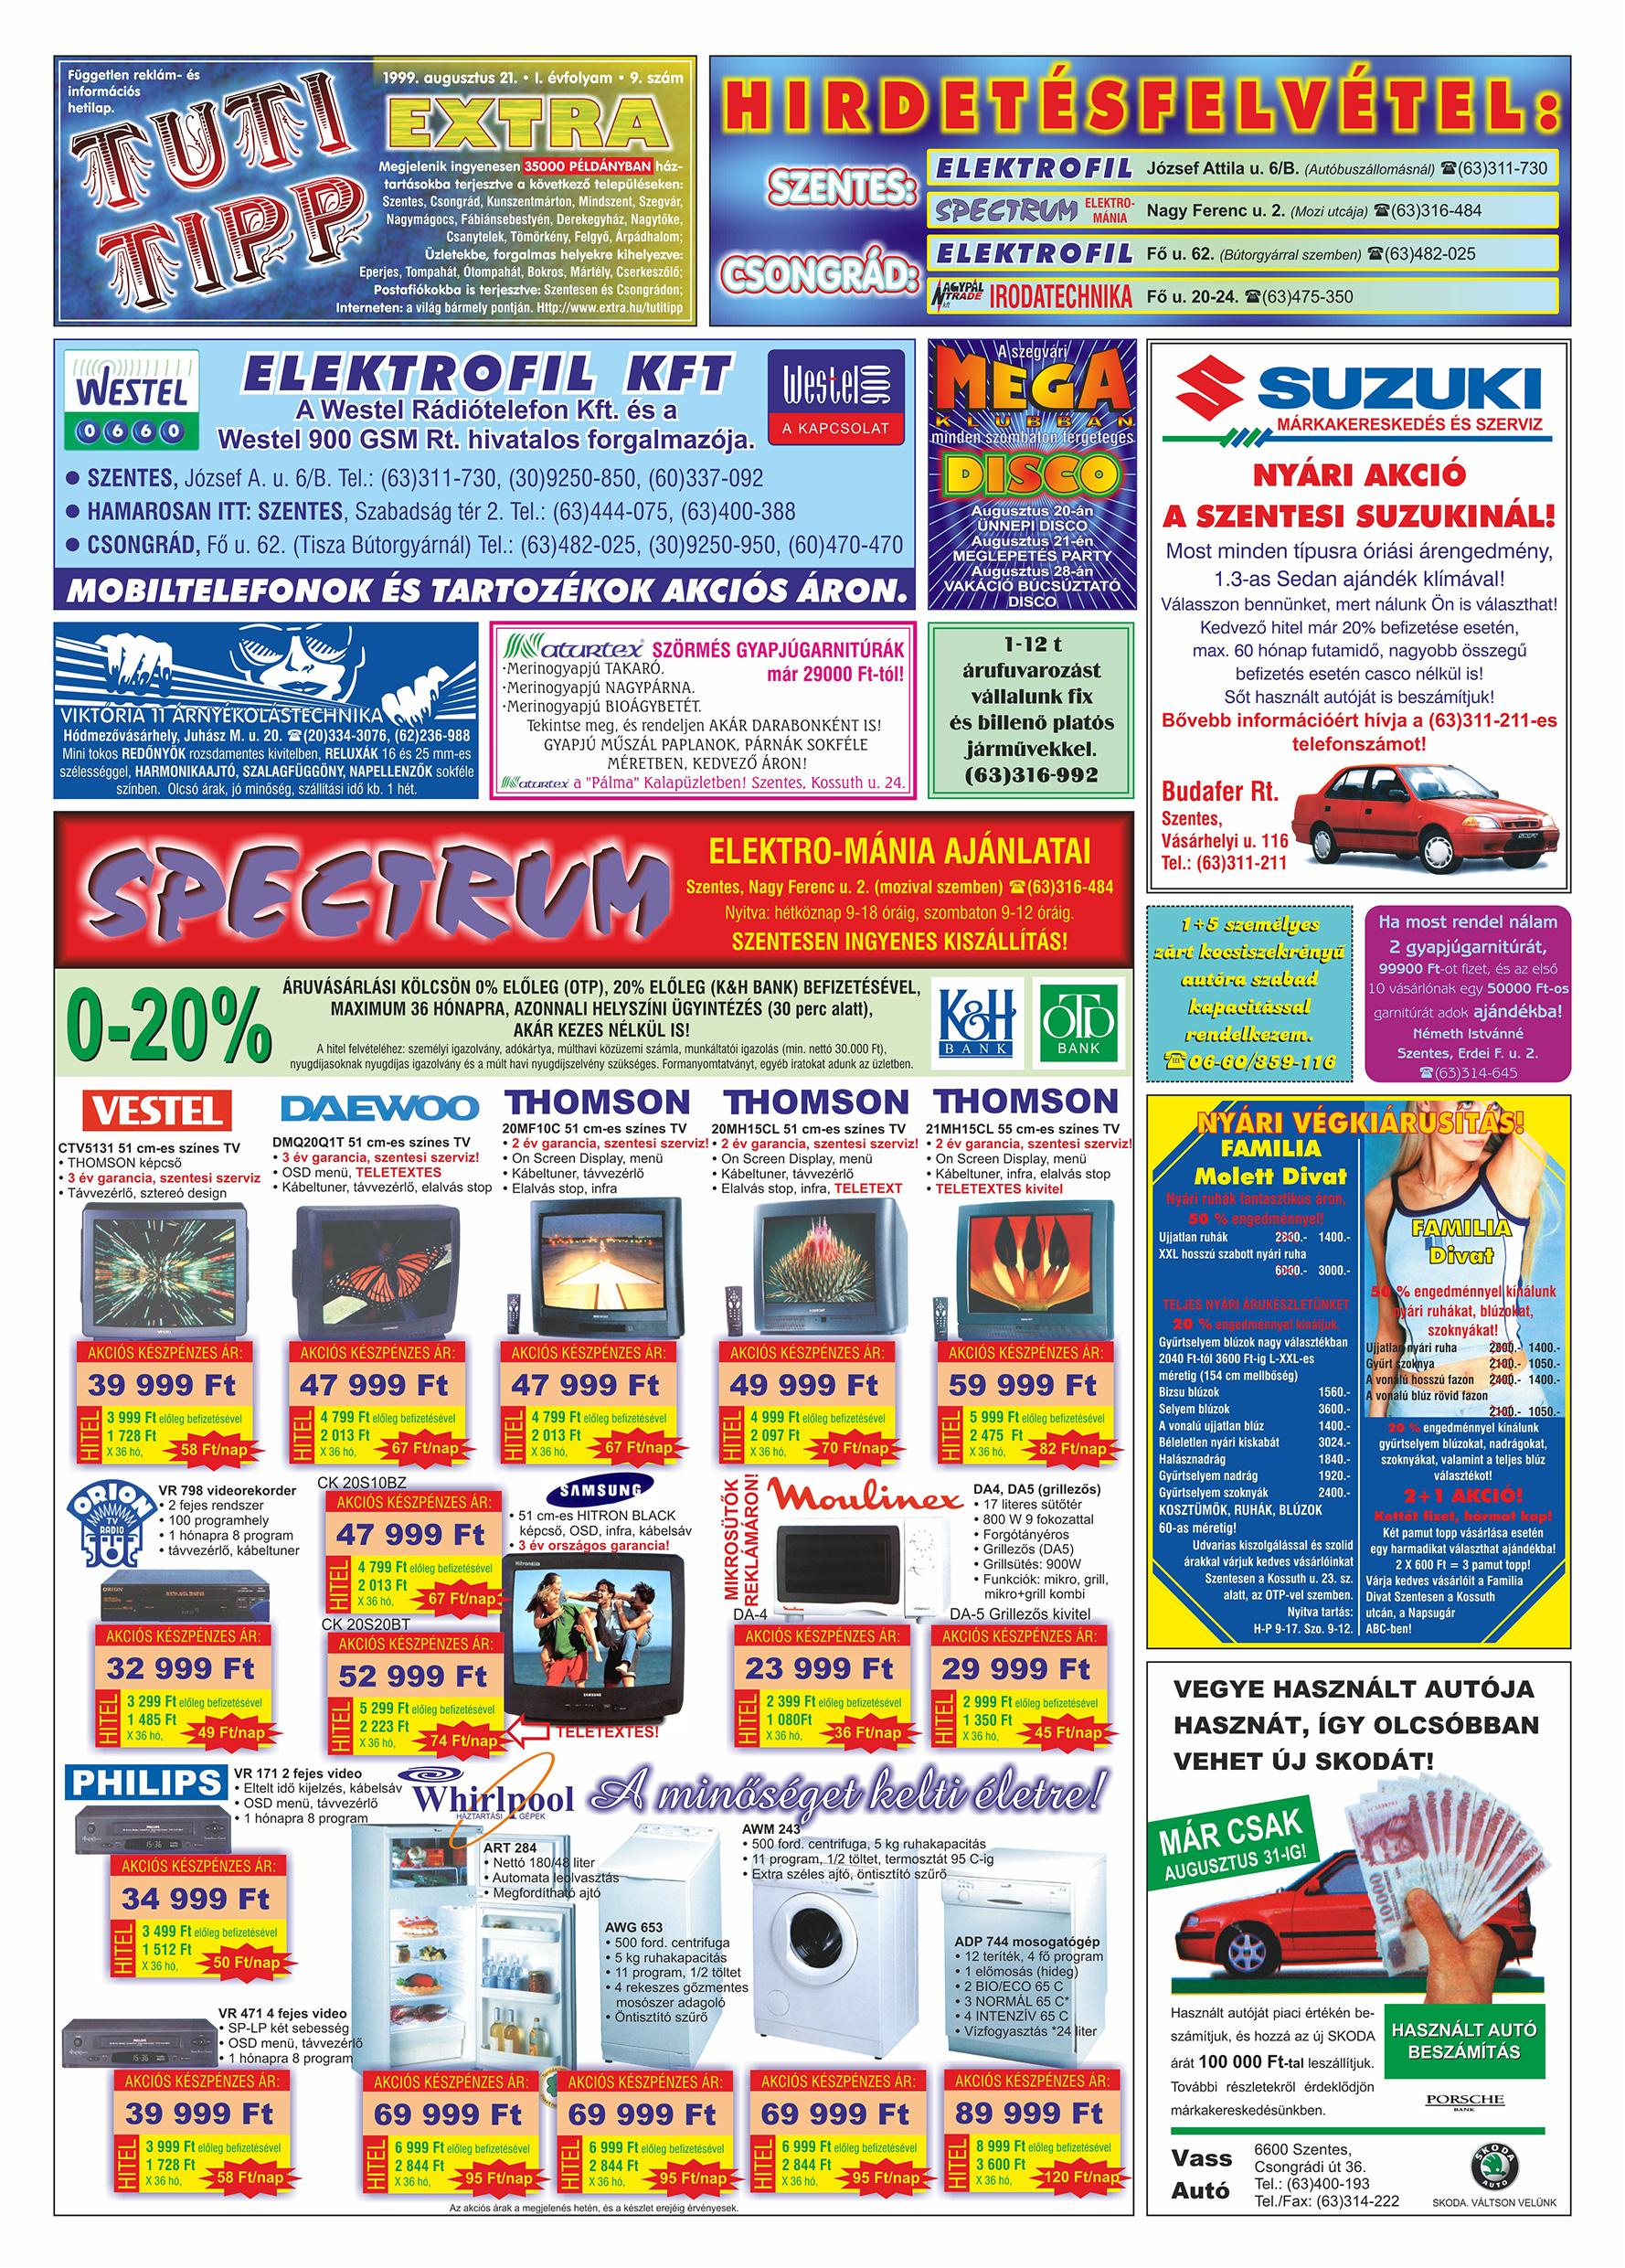 043 Tuti Tipp Extra reklámújság - 19990821-009. lapszám - 1.oldal - V. évfolyam.jpg